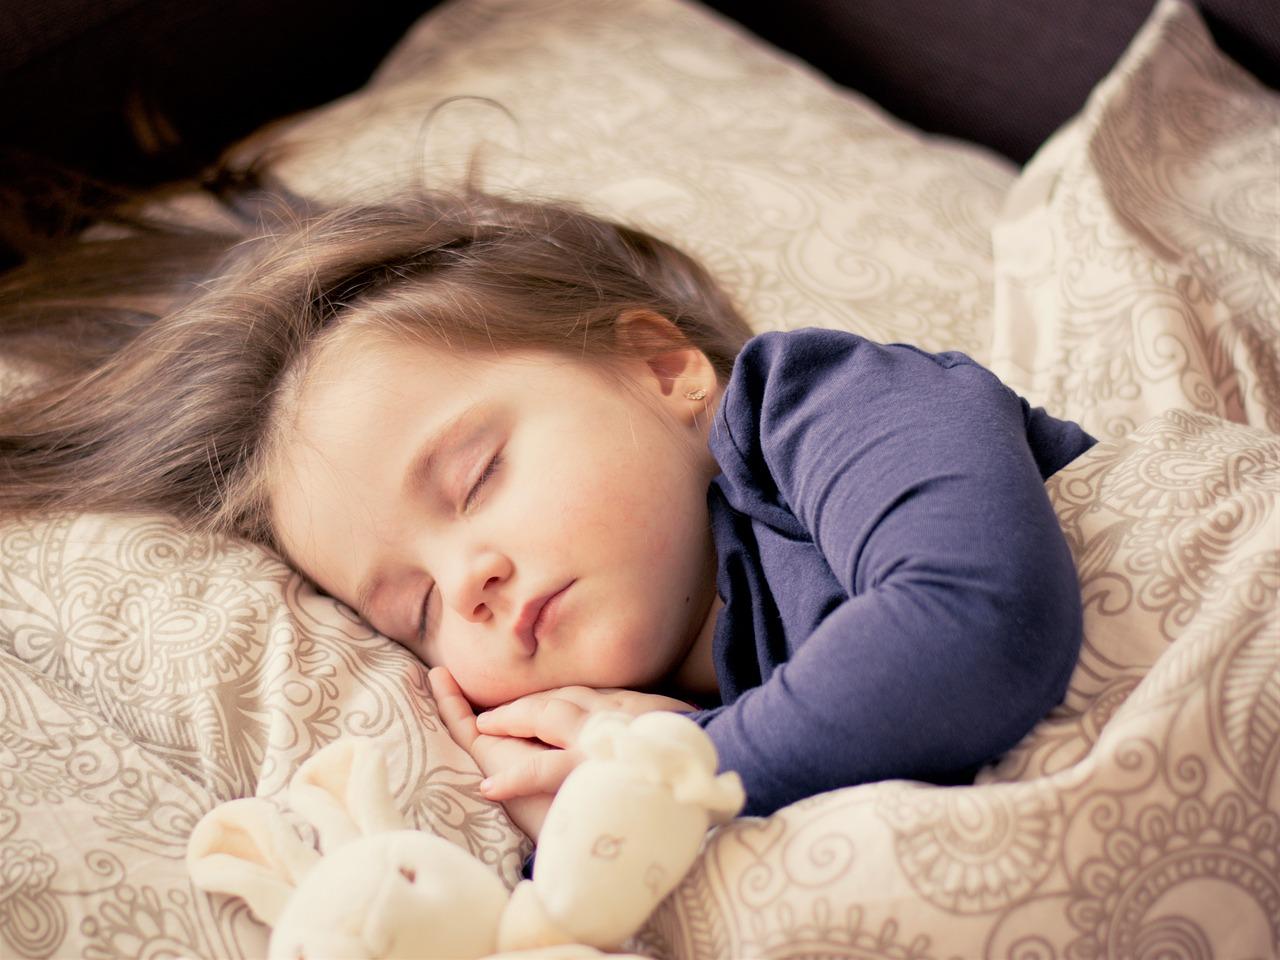 睡眠障害の方が増えている?これからもっと寝苦しくなりますよ!